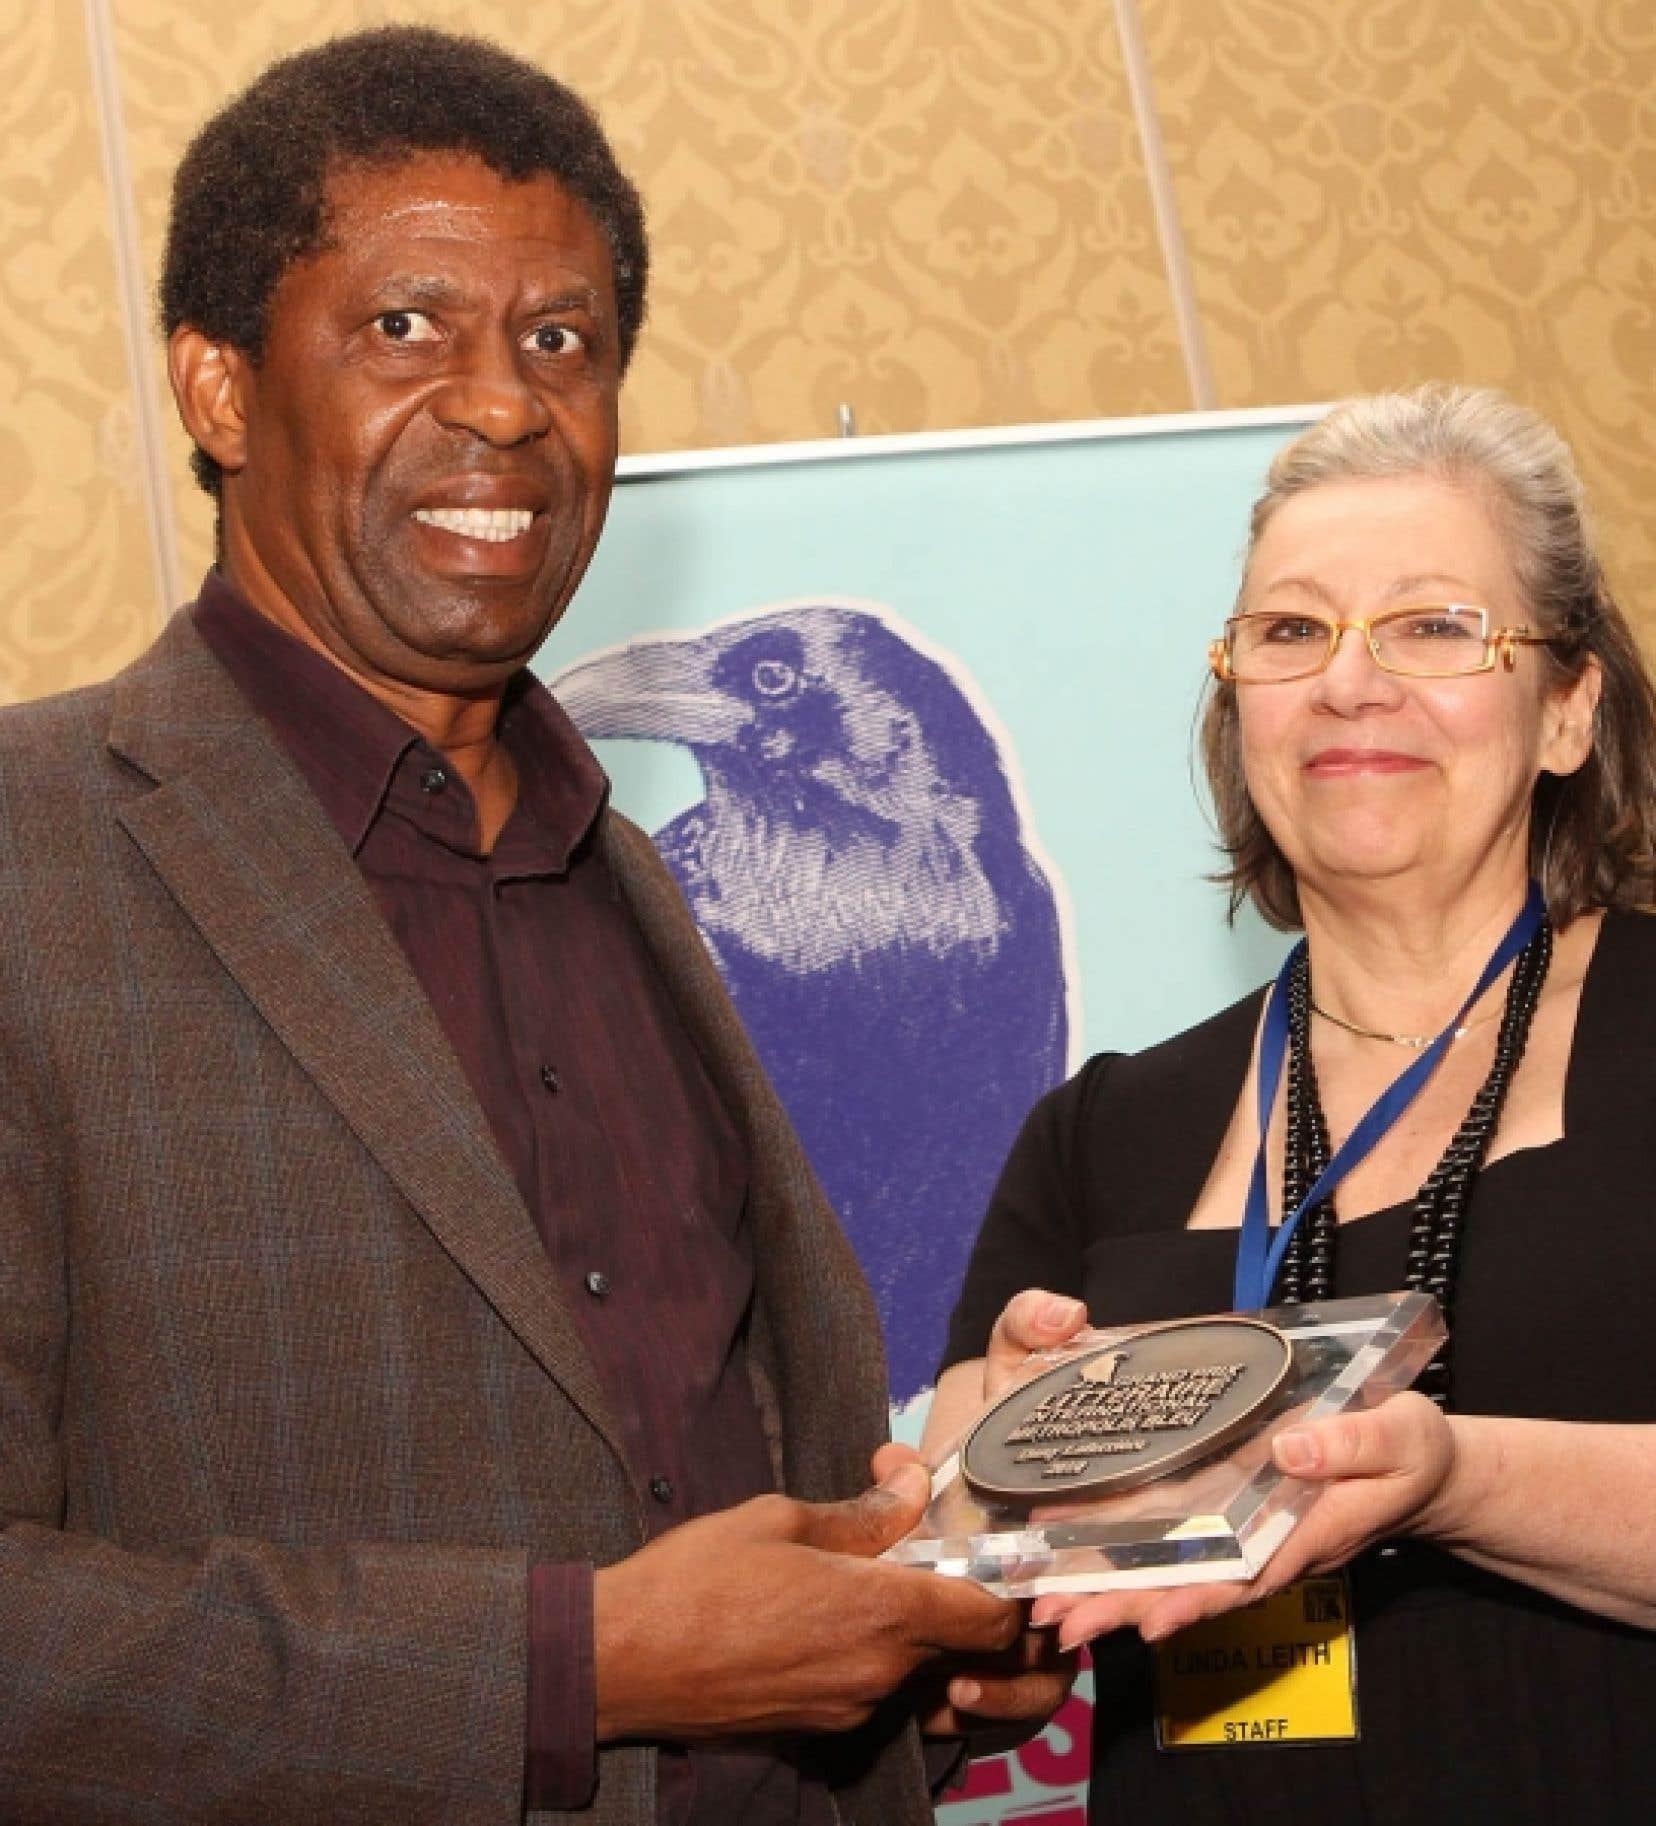 Le Grand Prix littéraire Metropolis bleu a été remis hier à l'écrivain d'origine haïtienne Dany Laferrière